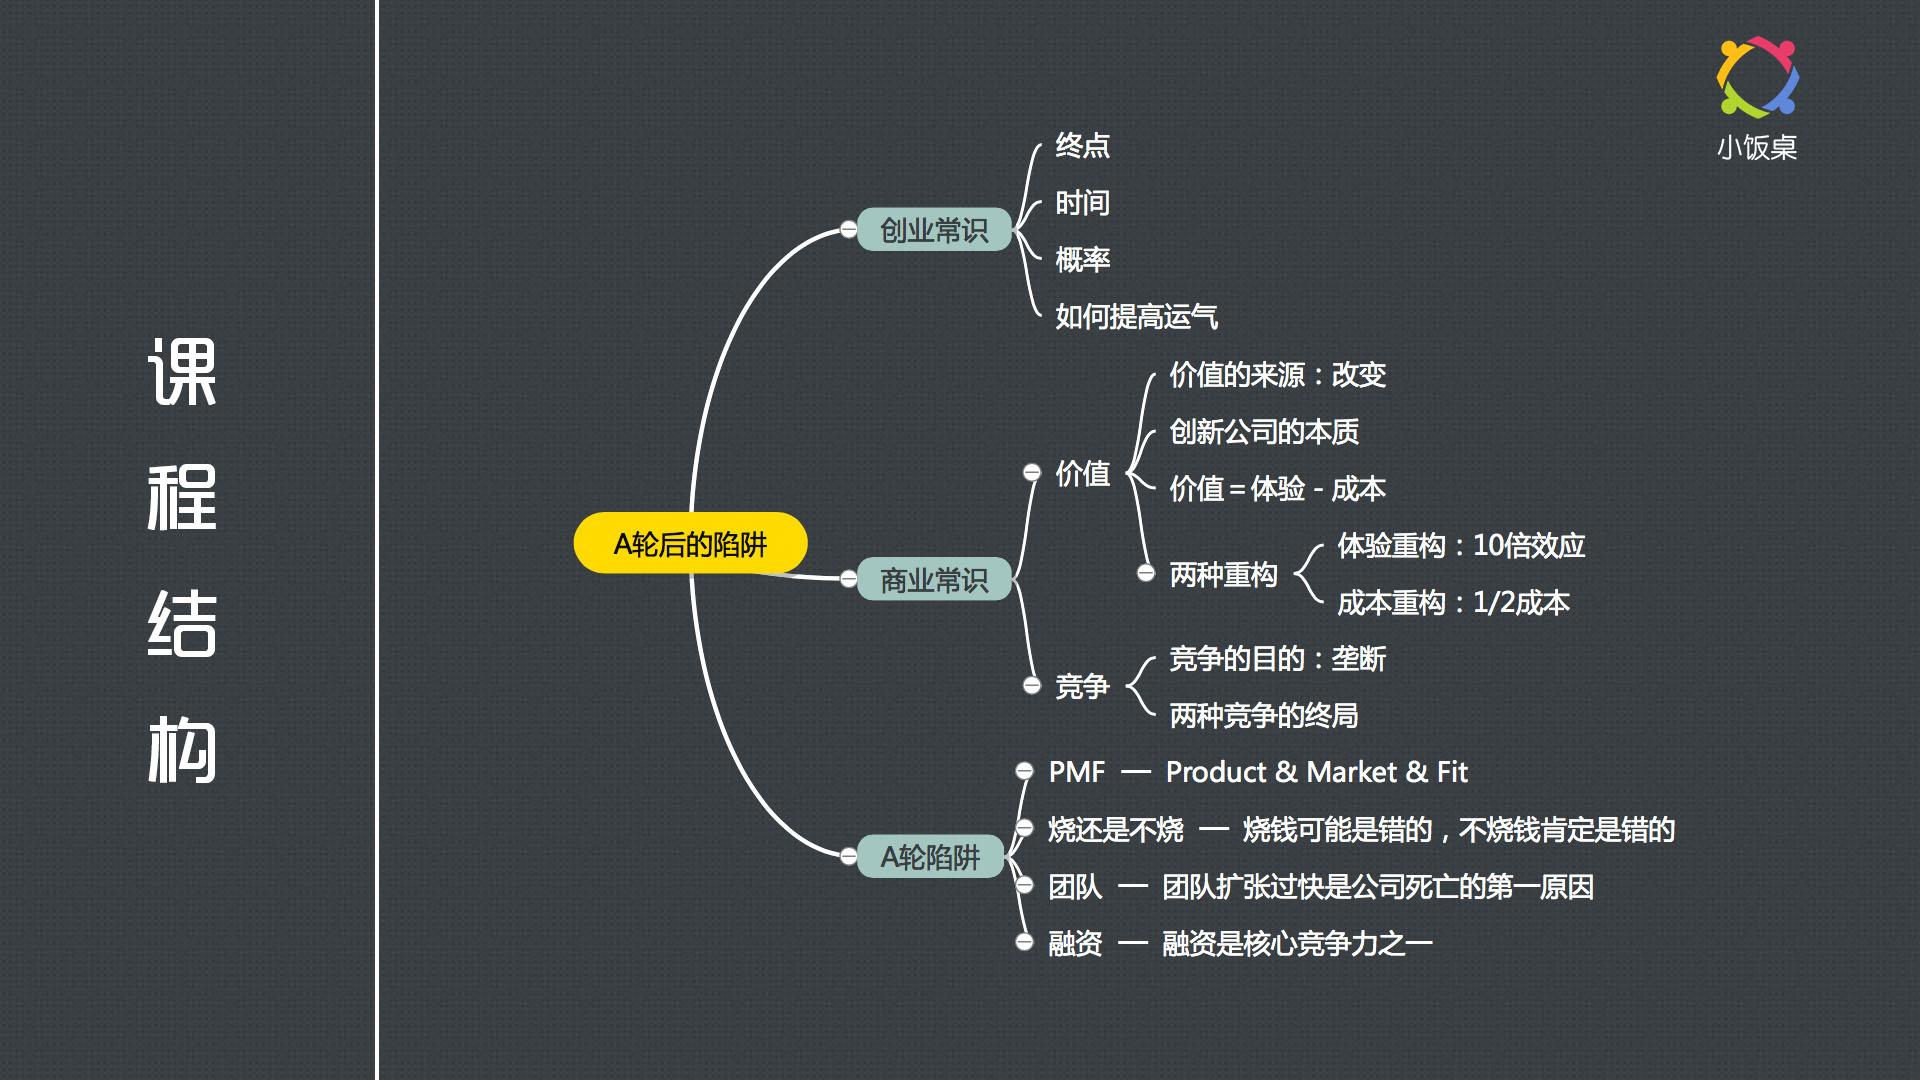 思维导图-戴汨.jpg